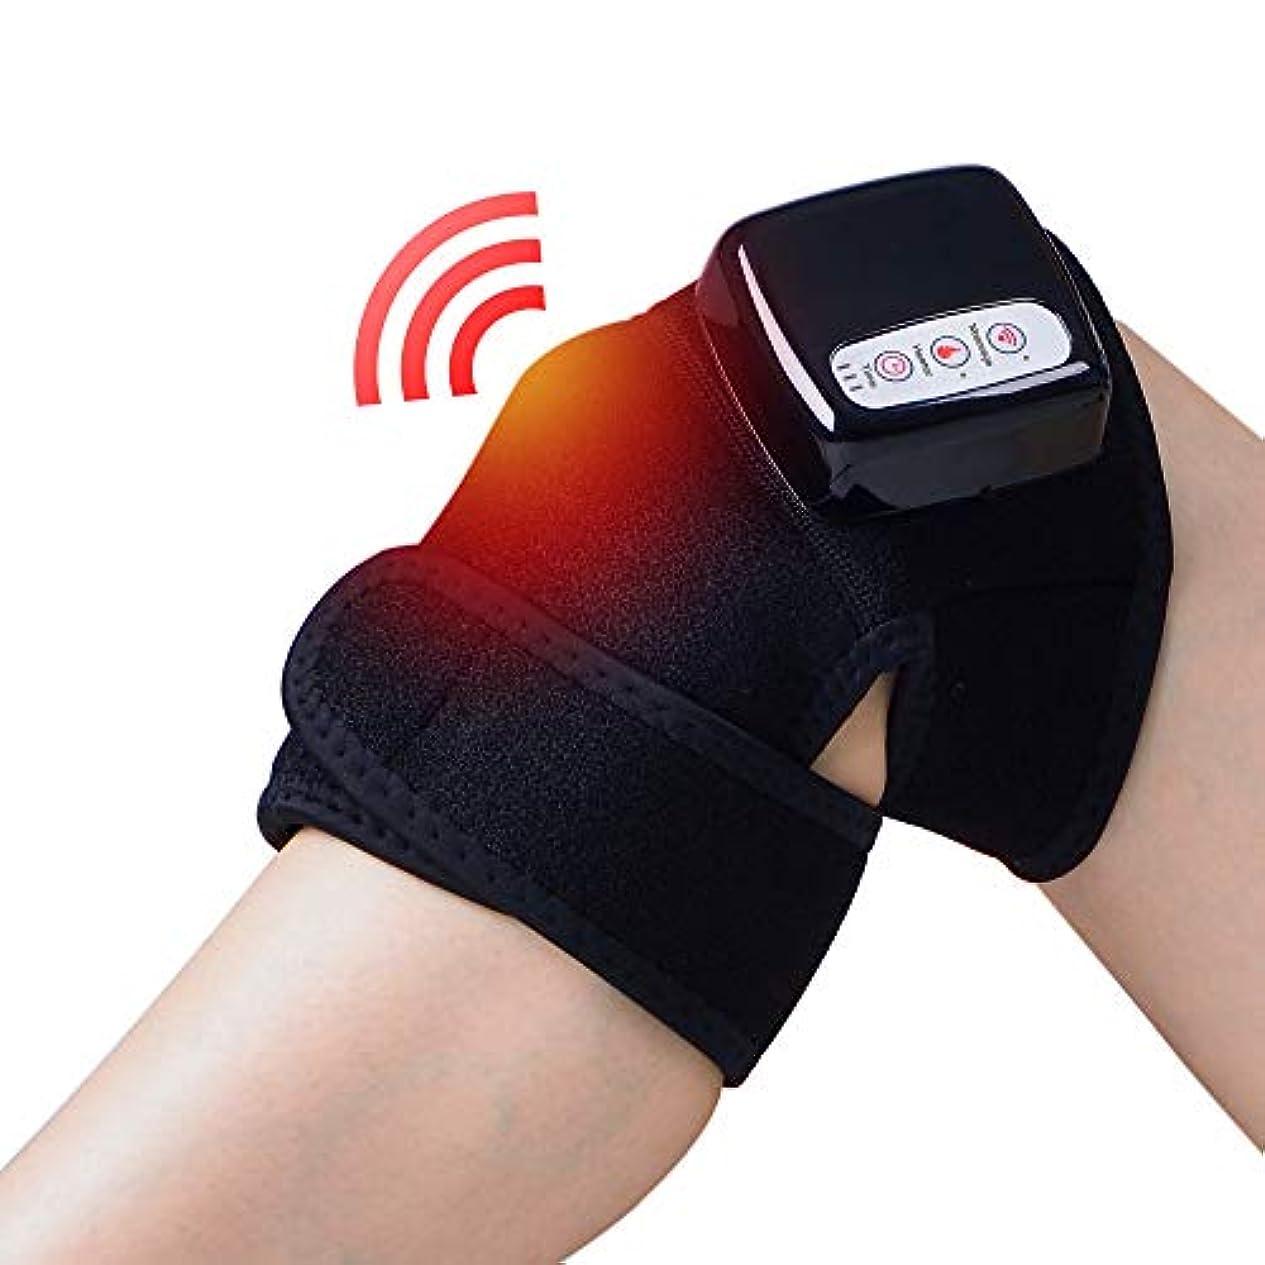 達成するエレガント慣れているChuangyue 膝関節加熱マッサージ マッサージ器 フットマッサージャー ひざ マッサージャー 振動 赤外線療法 温熱療法 膝サポーター ストレス解消 膝マット 太もも/腕対応